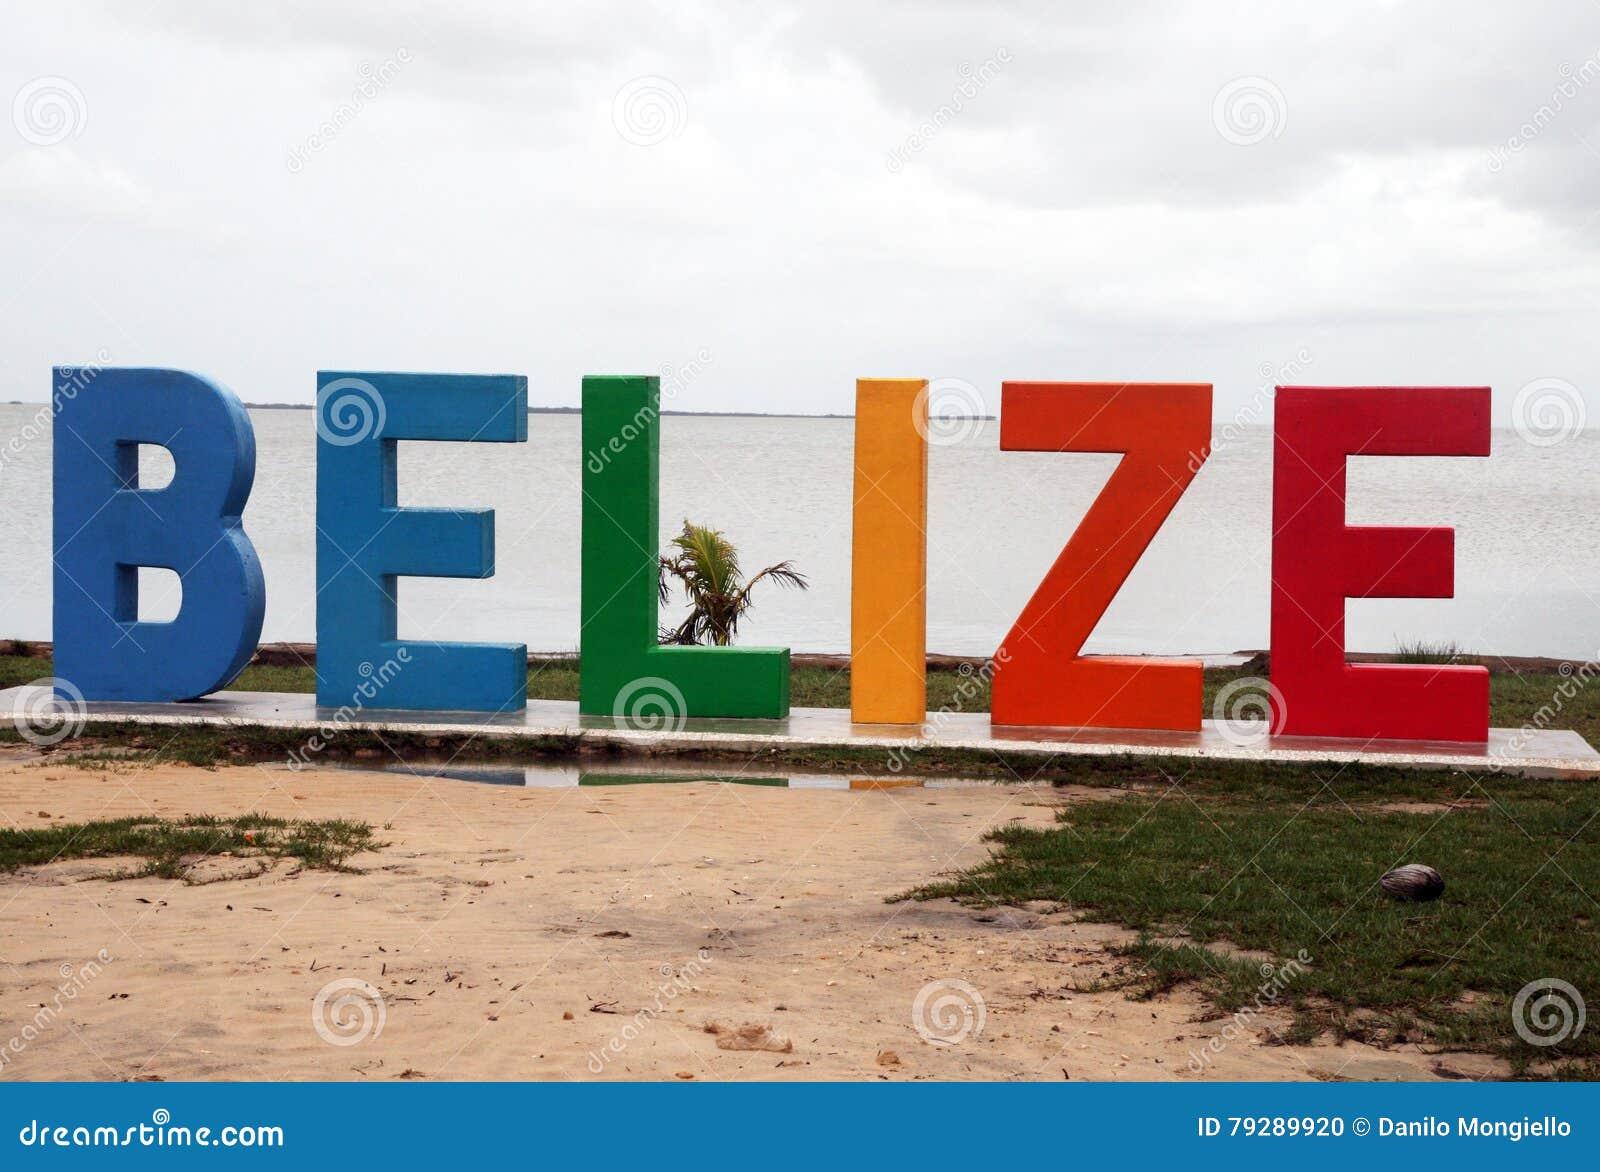 Belize colors